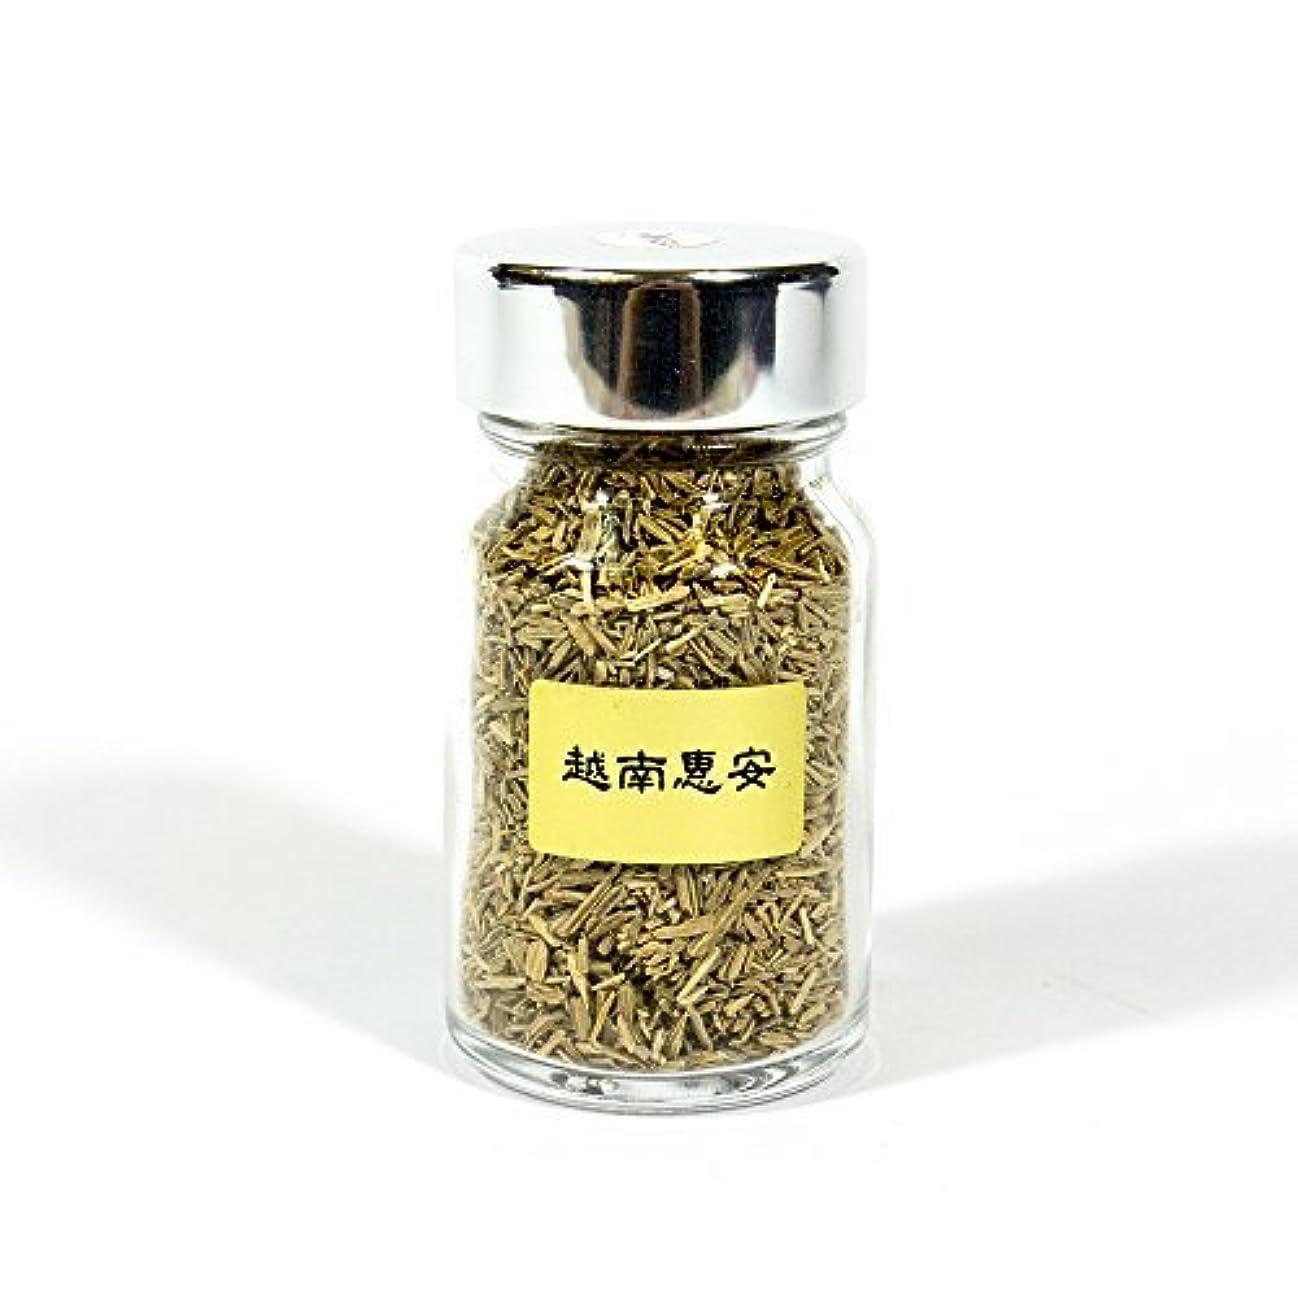 してはいけない調整可能運命的なAgarwood Aloeswood Oud Chip Scrap Vietnam Hoi-An 10g Cultivated Suitable for Electric Burner by IncenseHouse - Raw Material [並行輸入品]